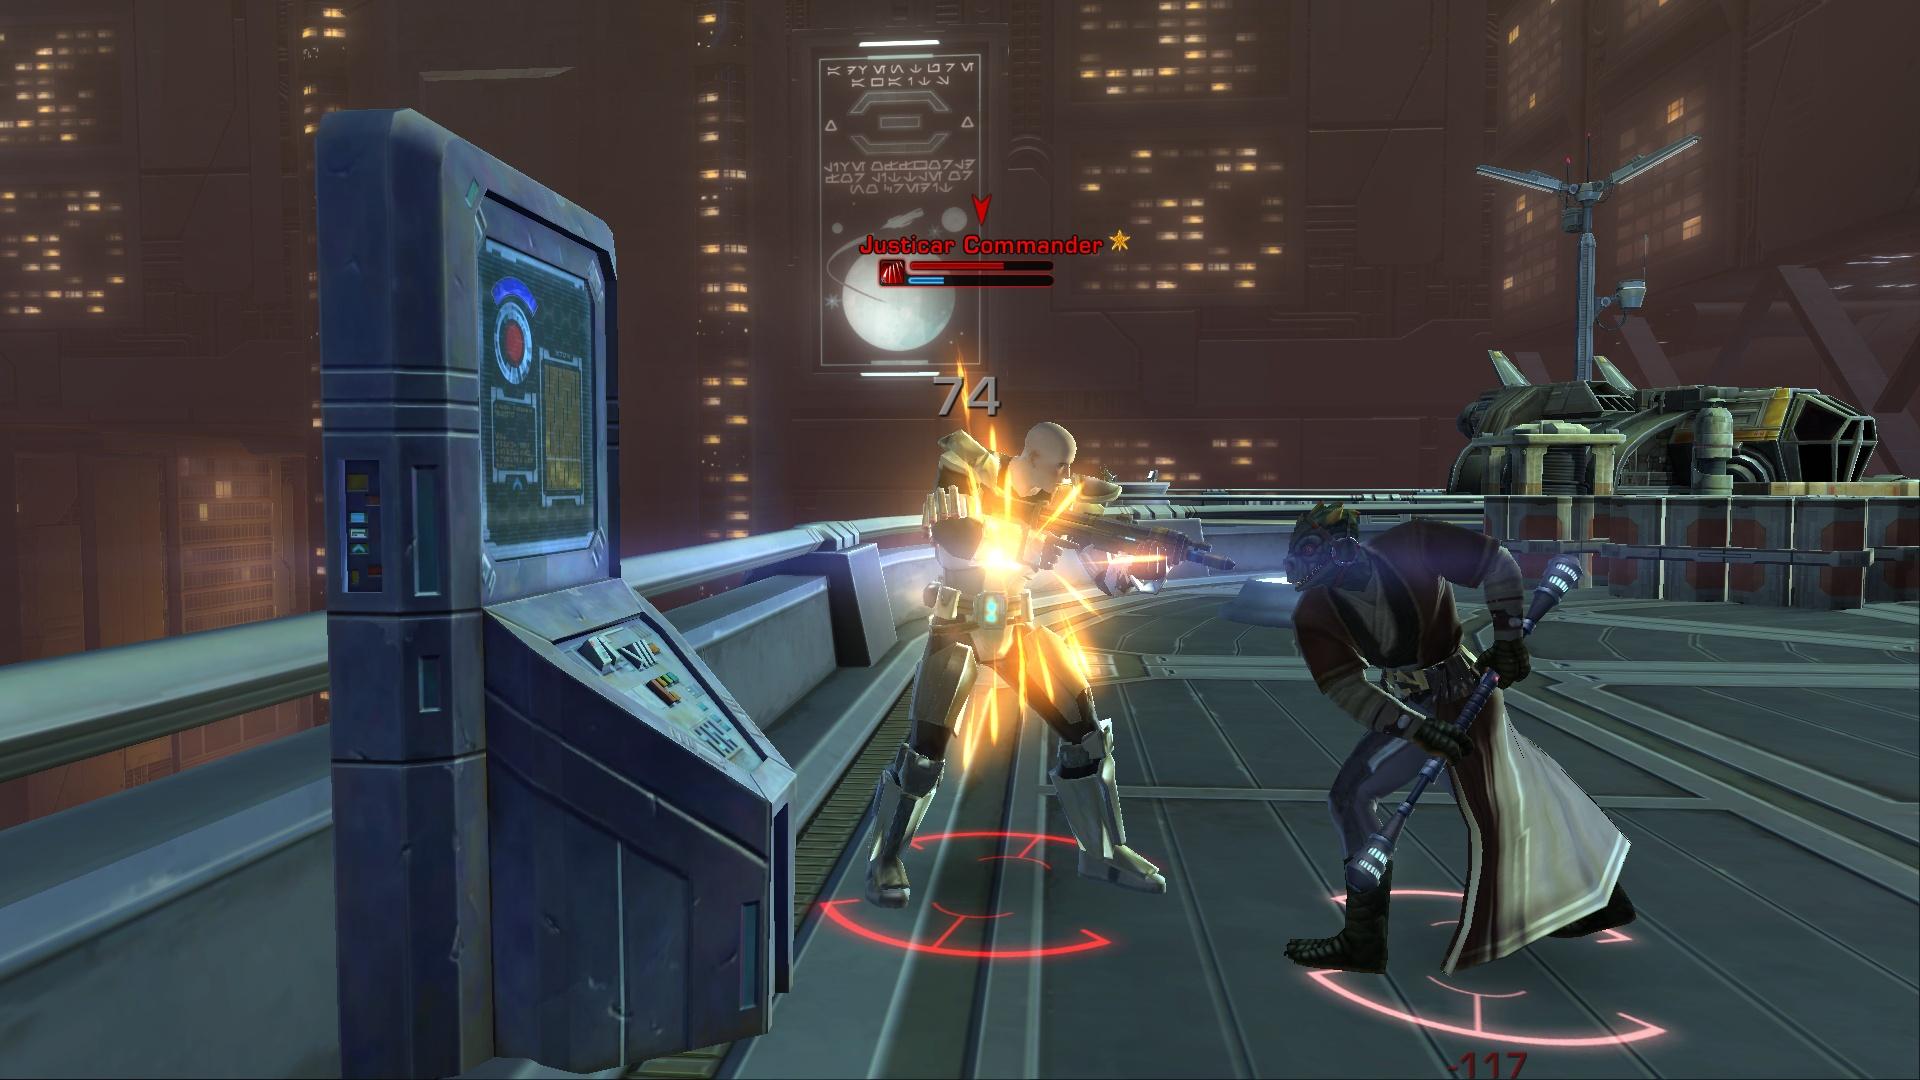 ddmsrealm-star-wars-tor-coruscant-justicar-commander